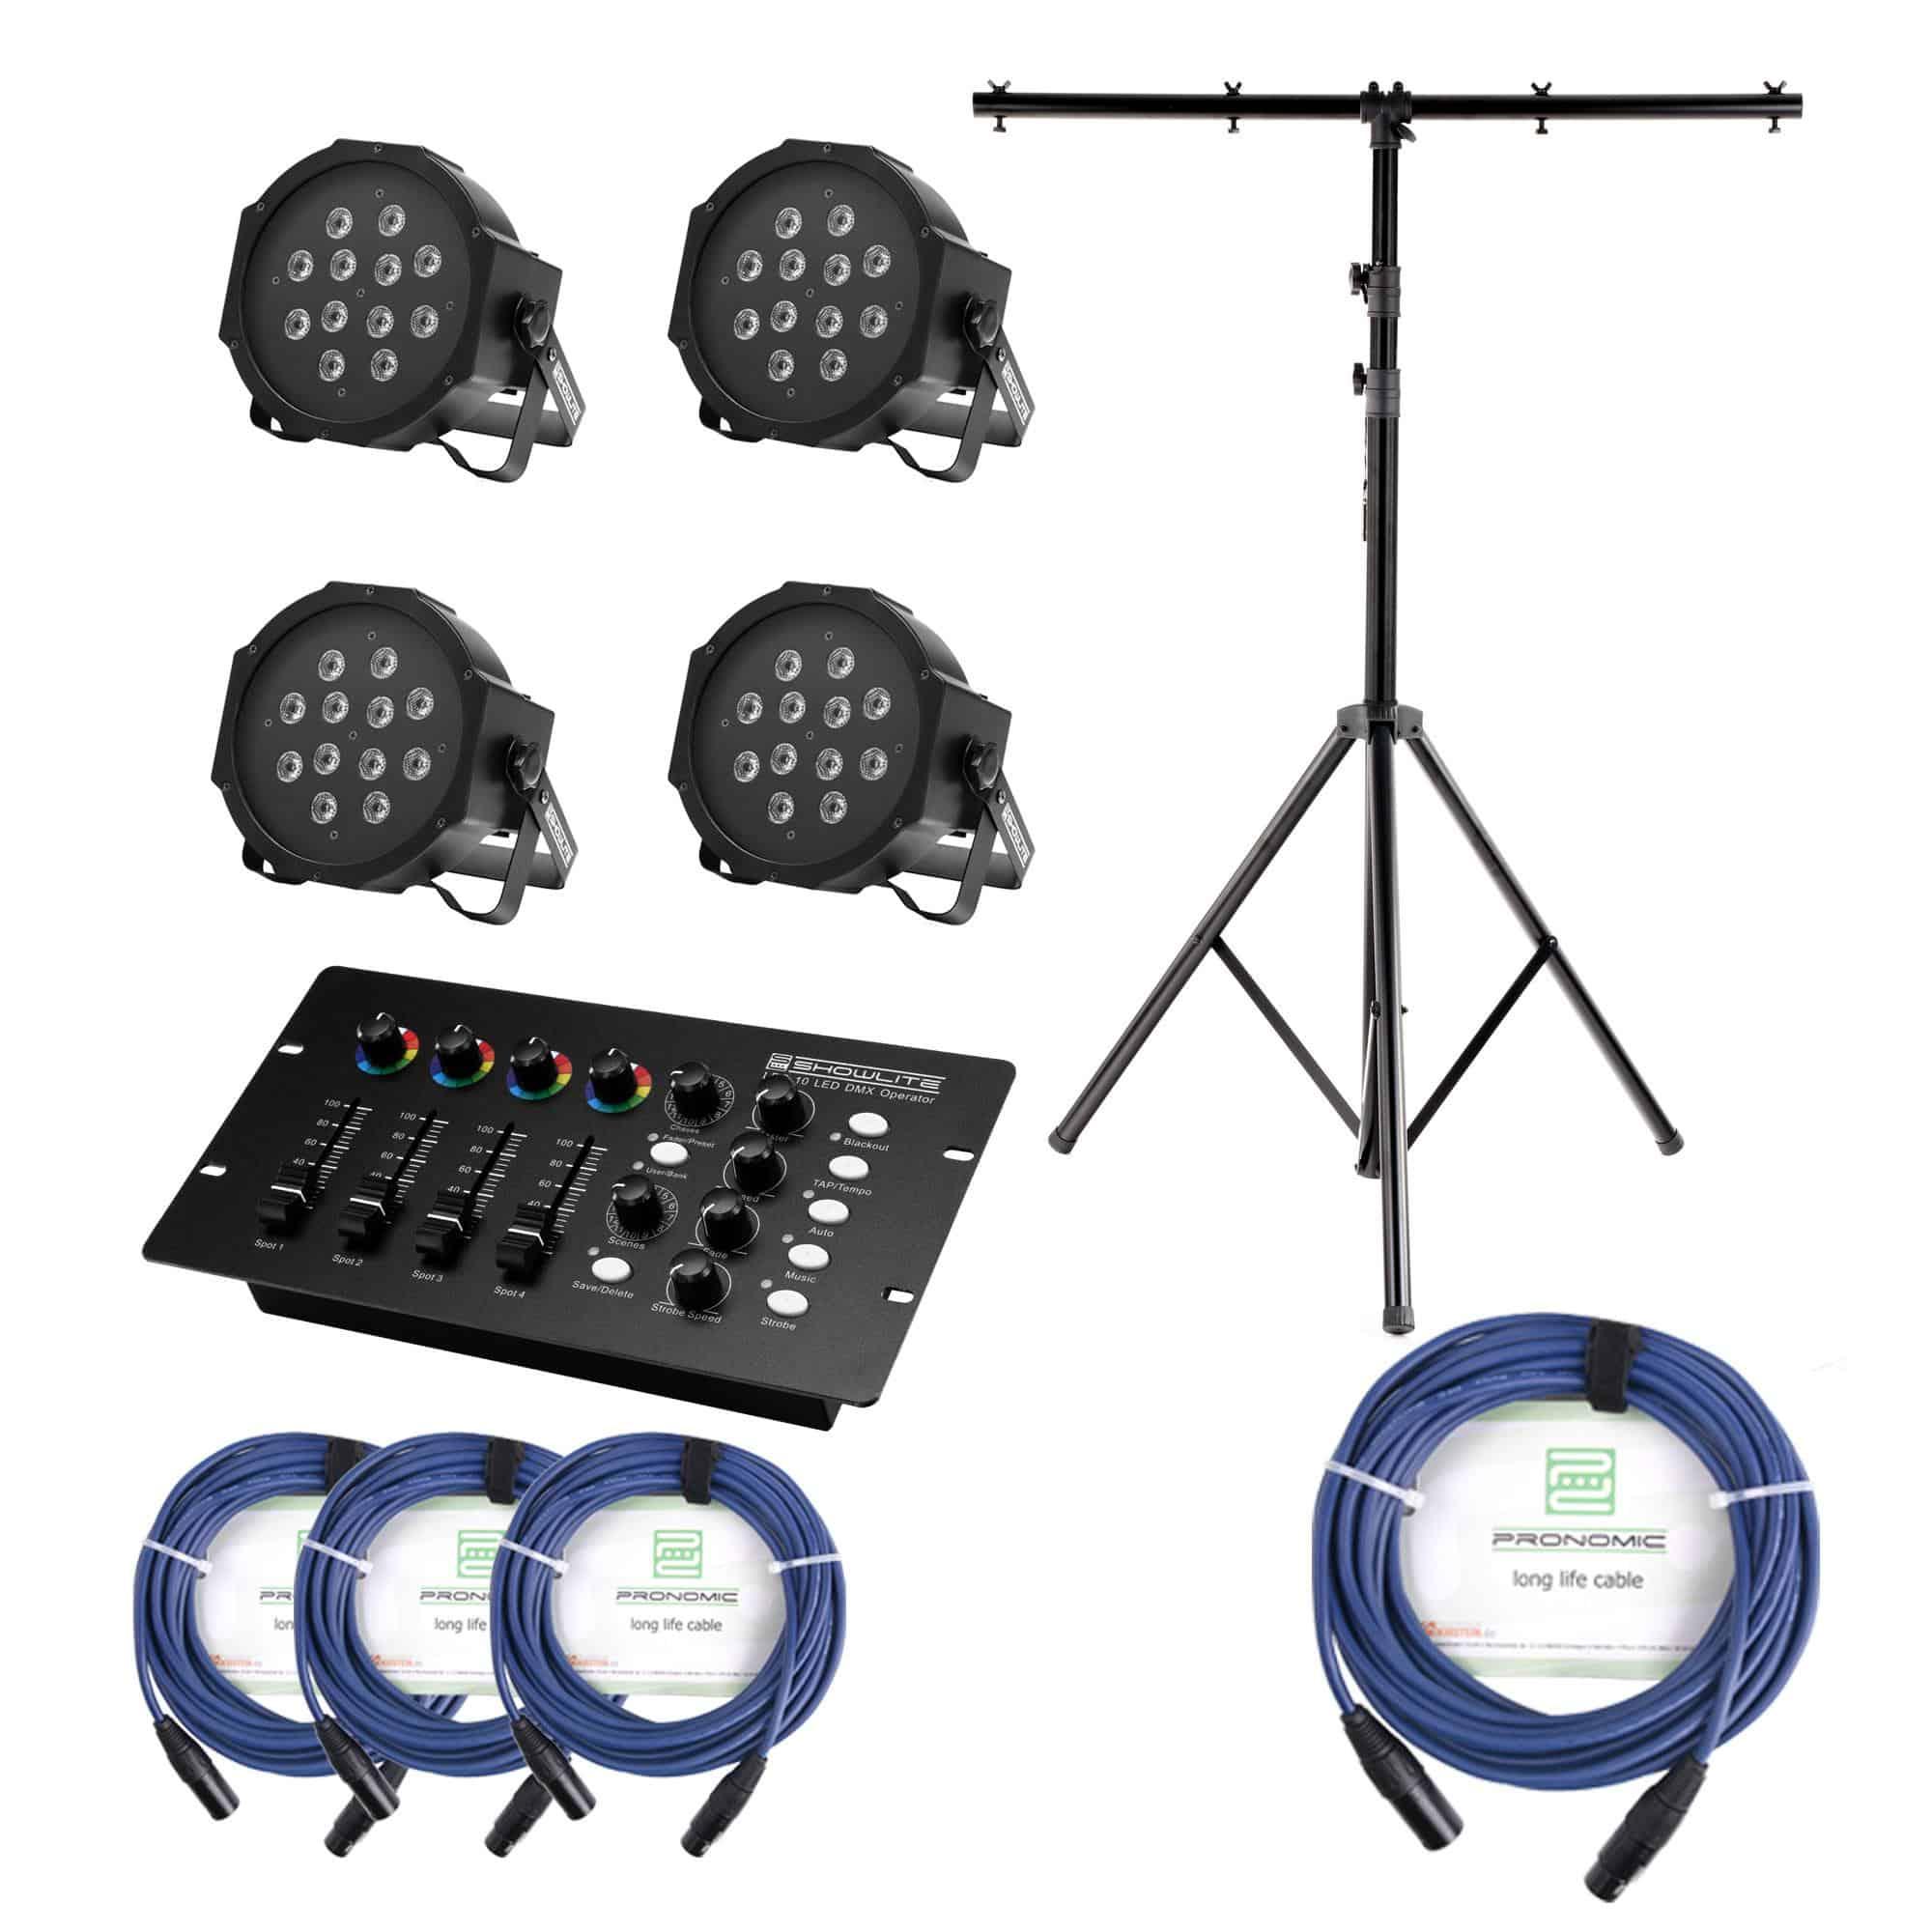 Showlite FLP 12x1W Scheinwerfer 4 x Set inkl. DMX Controller, Stativ Kabel